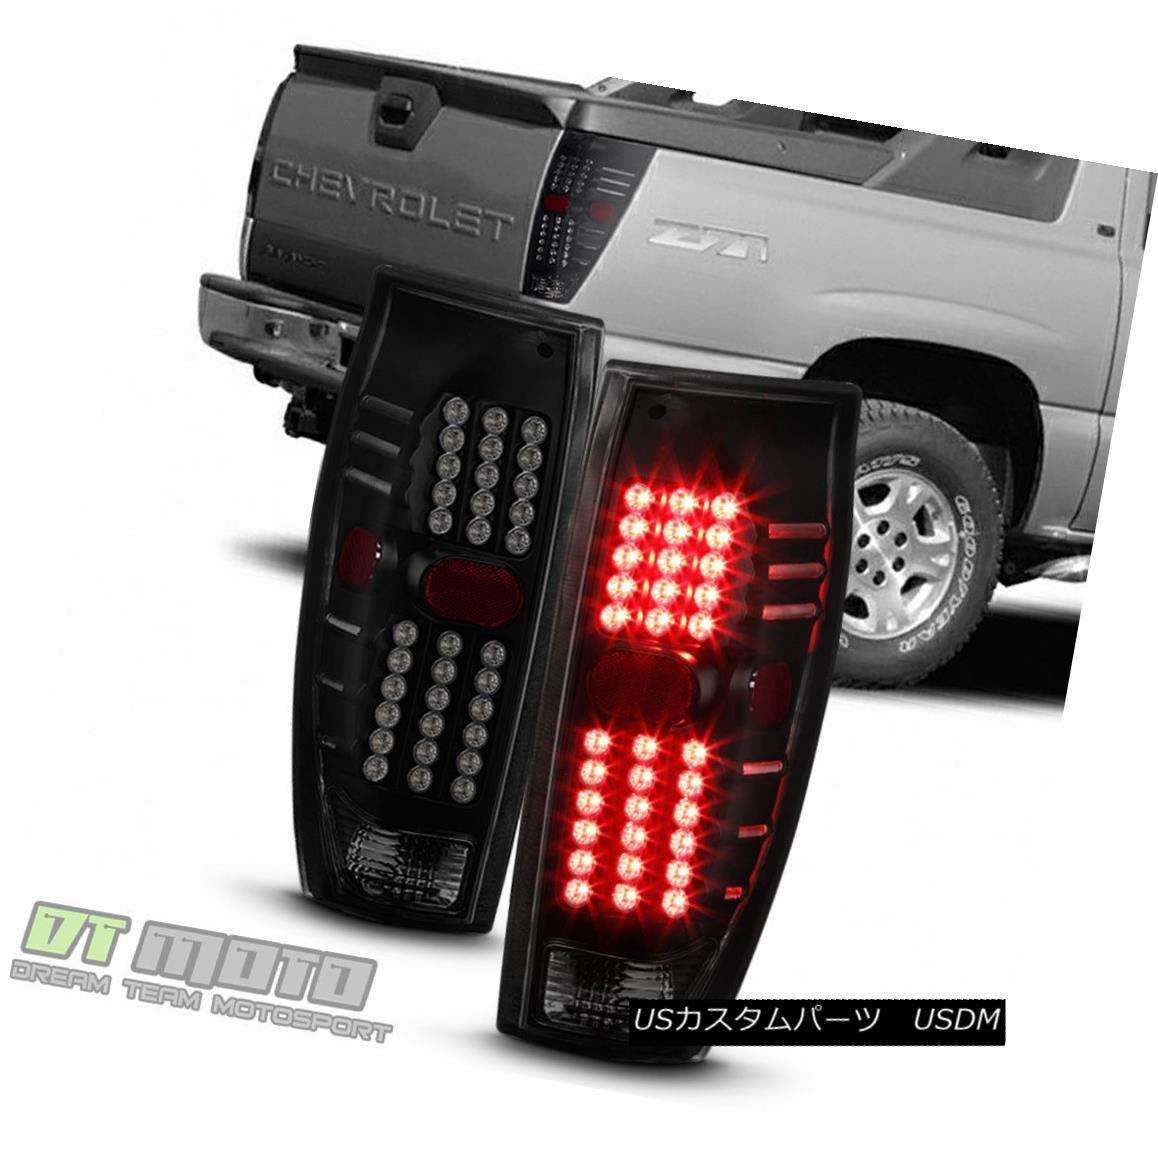 テールライト NEW Black Smoke 2002-2006 Chevy Avalanche 1500 2500 LED Tail Lights Brake Lamps NEW Black Smoke 2002-2006 Chevy Avalanche 1500 2500 LEDテールライトブレーキランプ